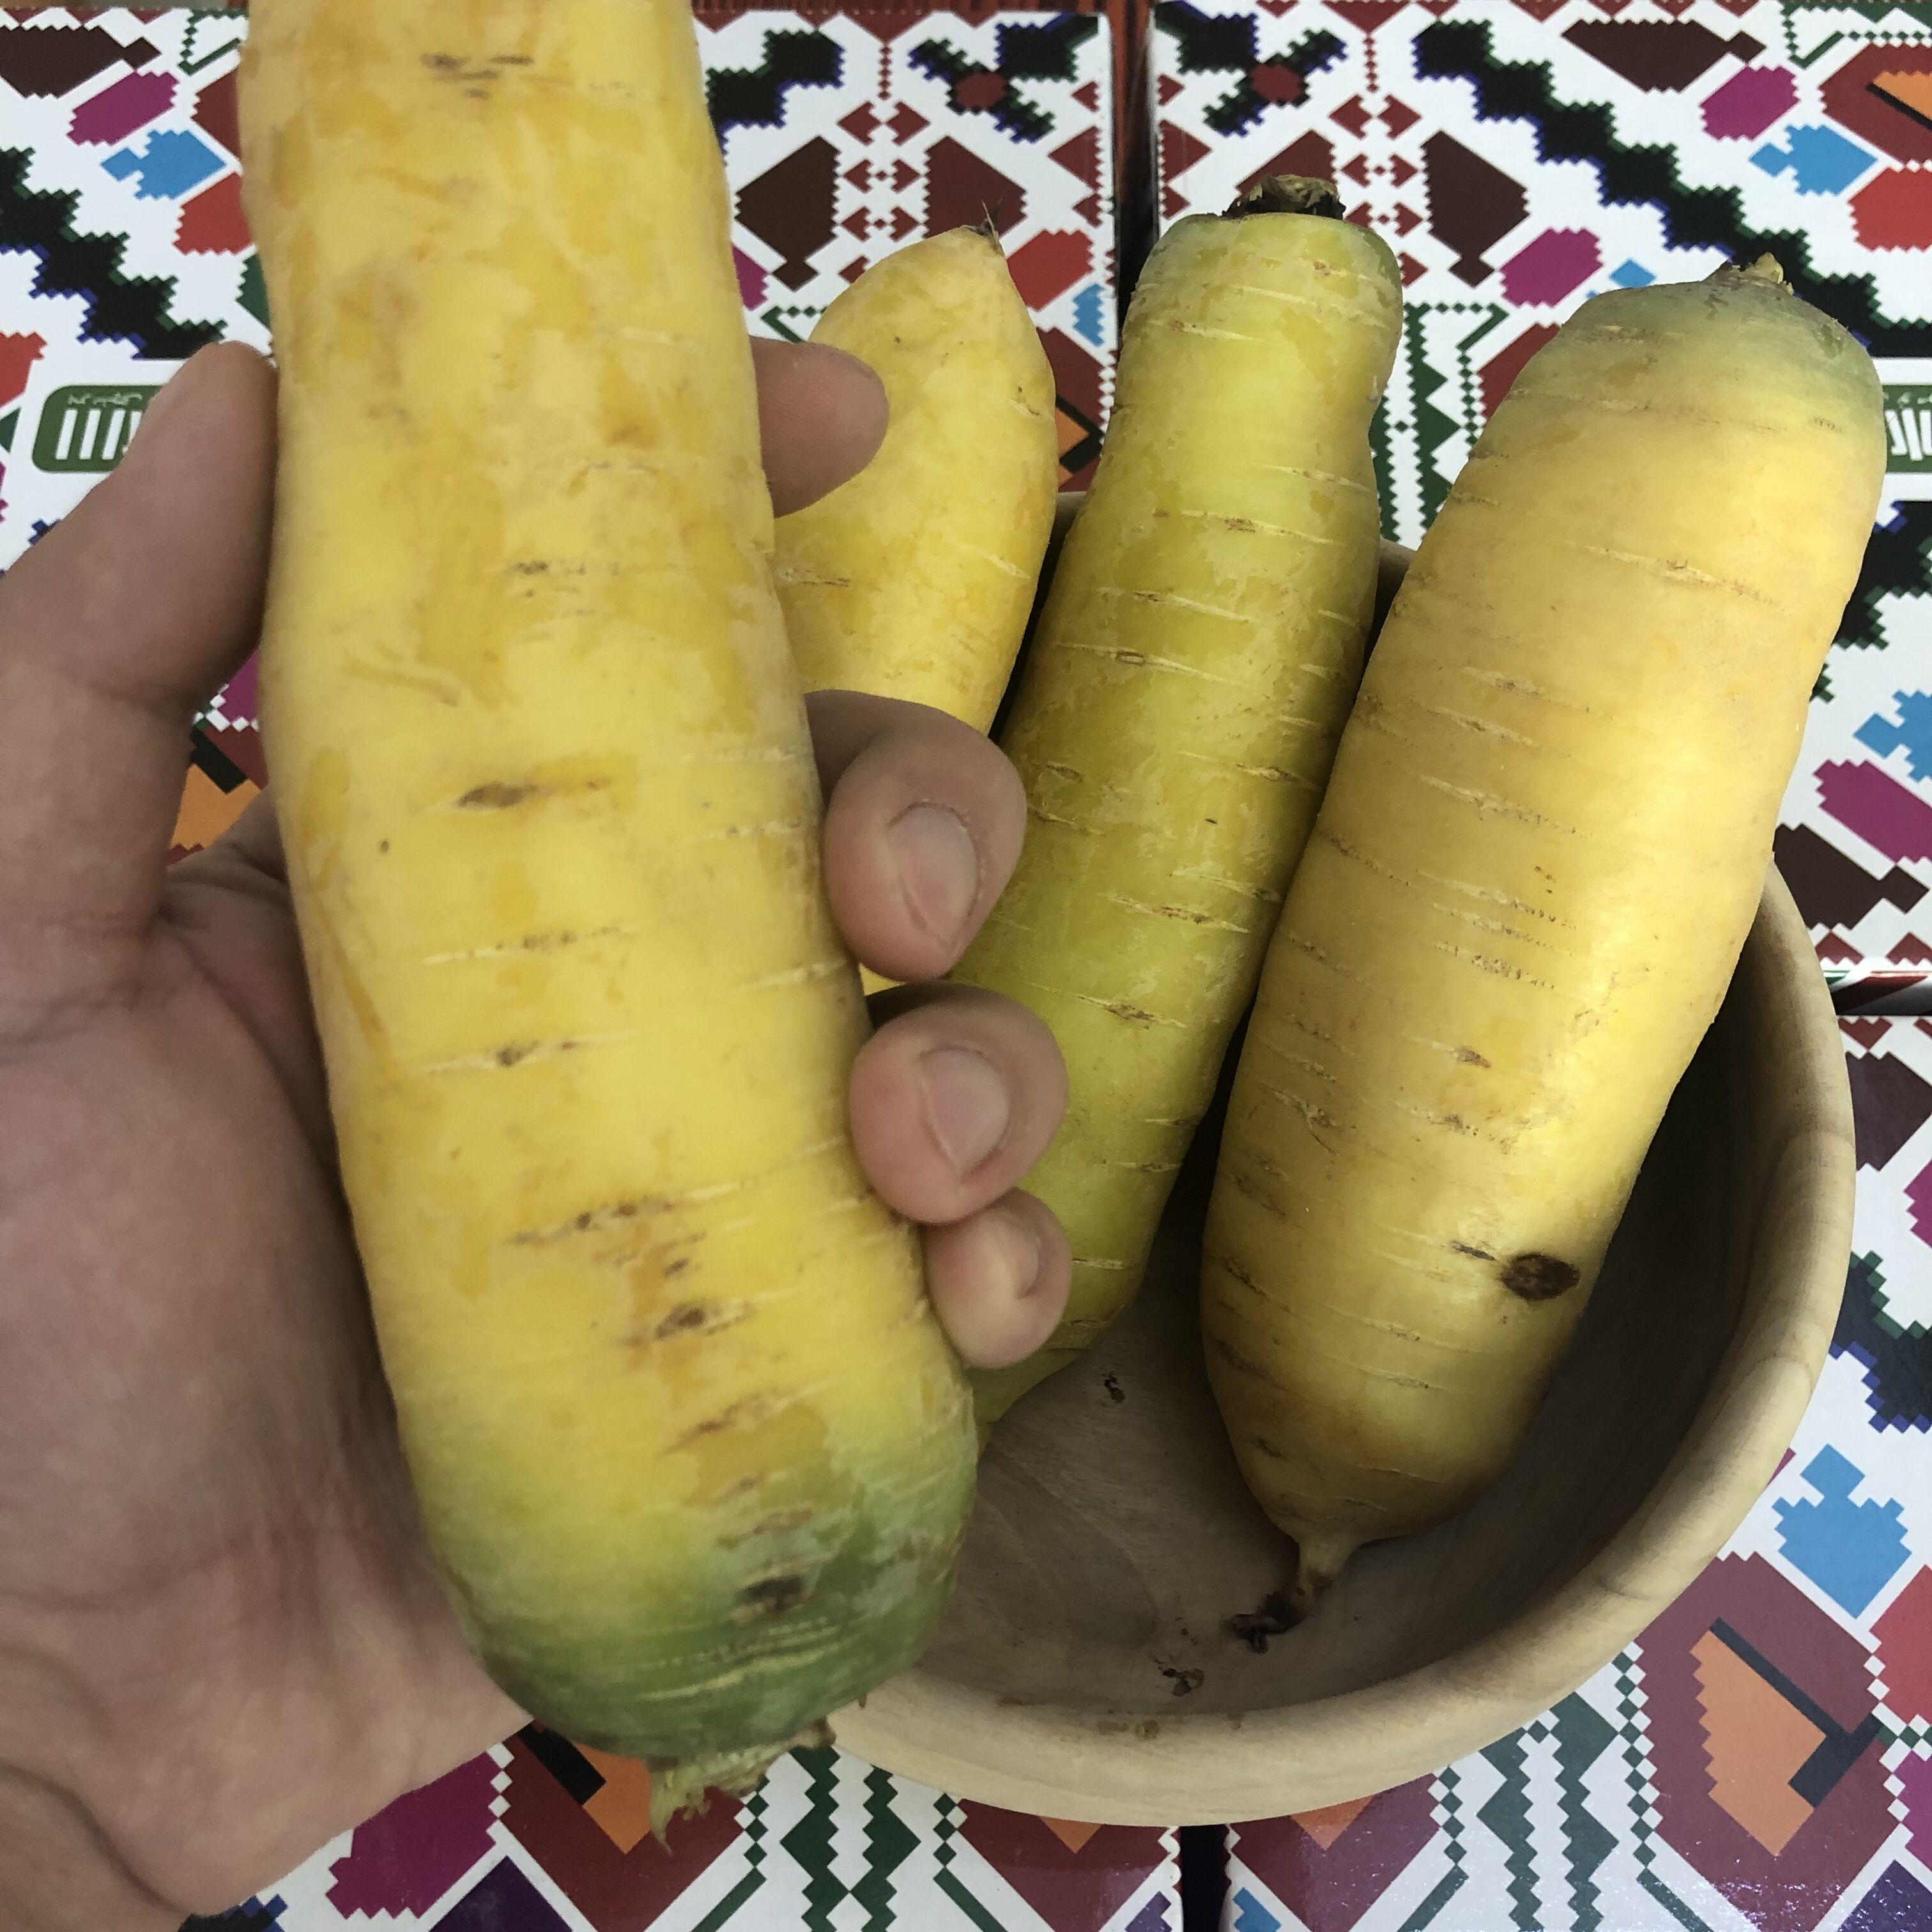 农新疆黄萝卜 胡萝卜带箱5斤装  新鲜蔬菜水果